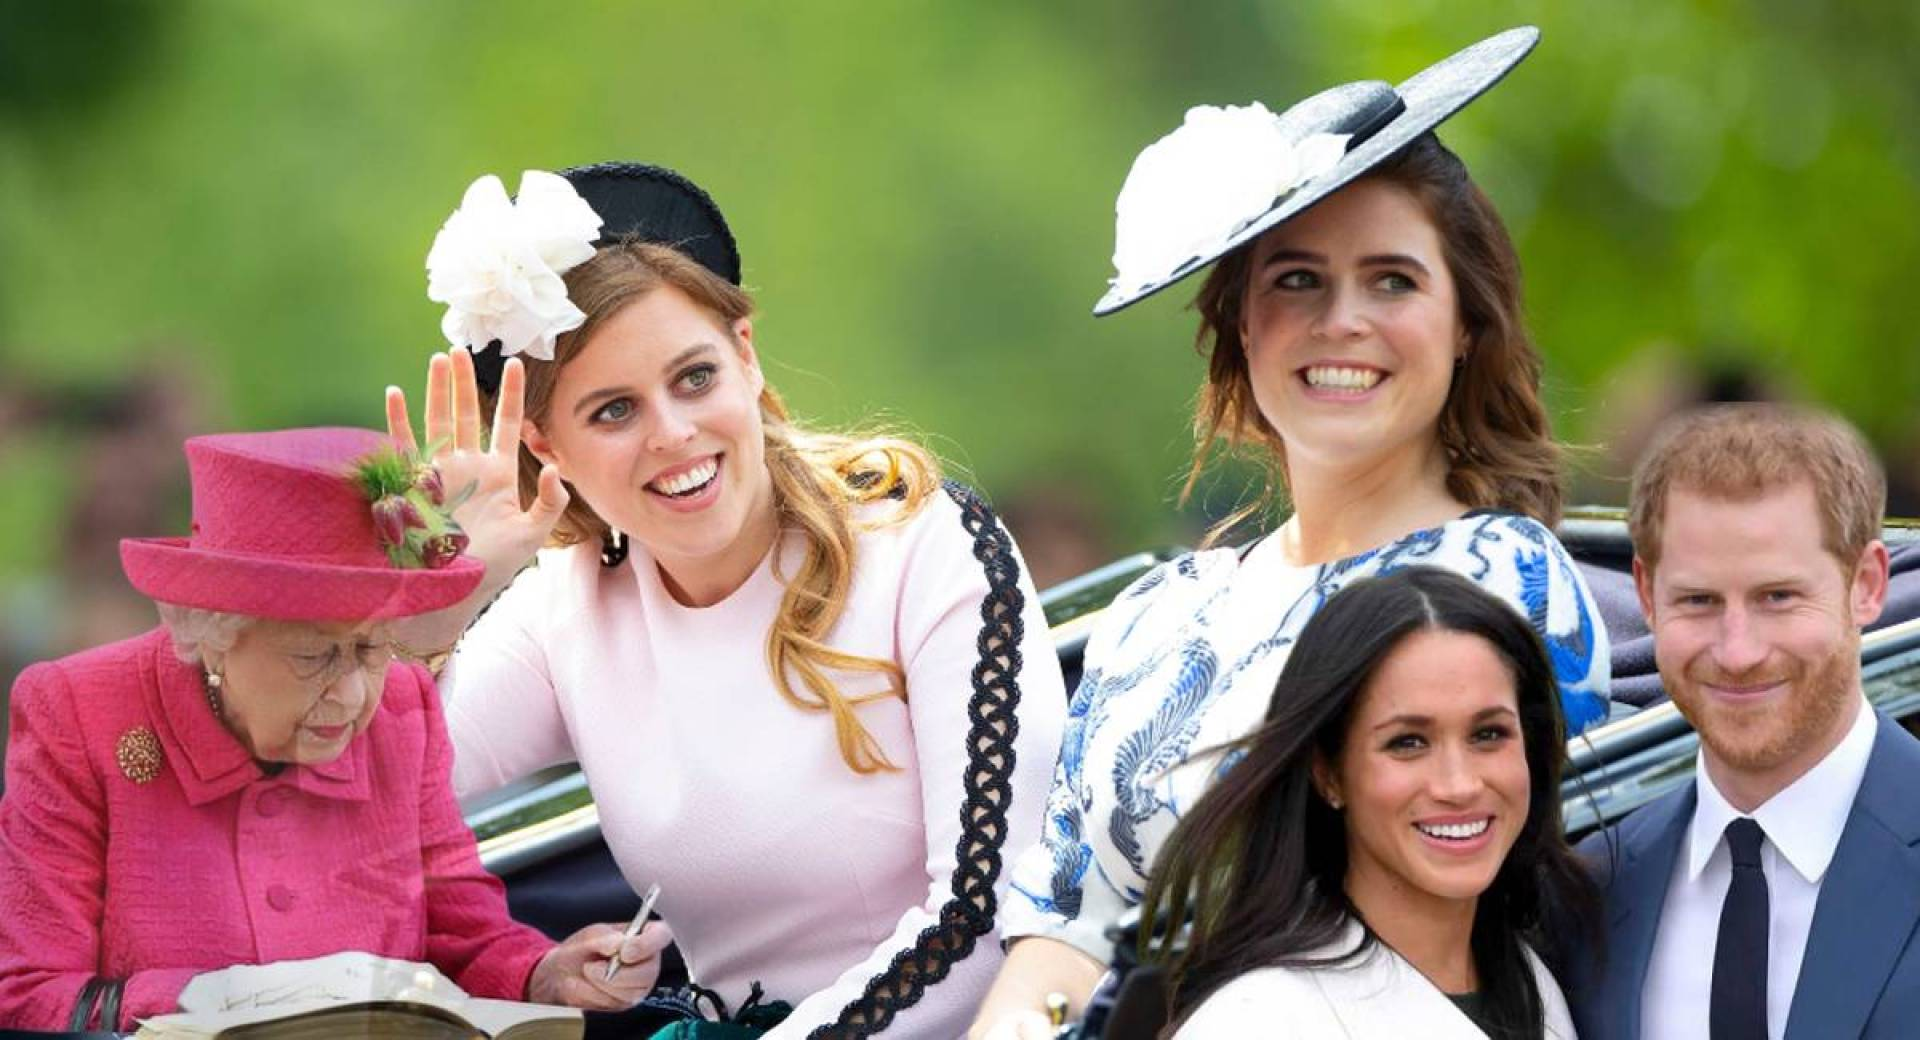 الملكة إليزابيث تستدعي الأميرتين بياتريس ويوجيني للقيام بمهام هاري وميغان